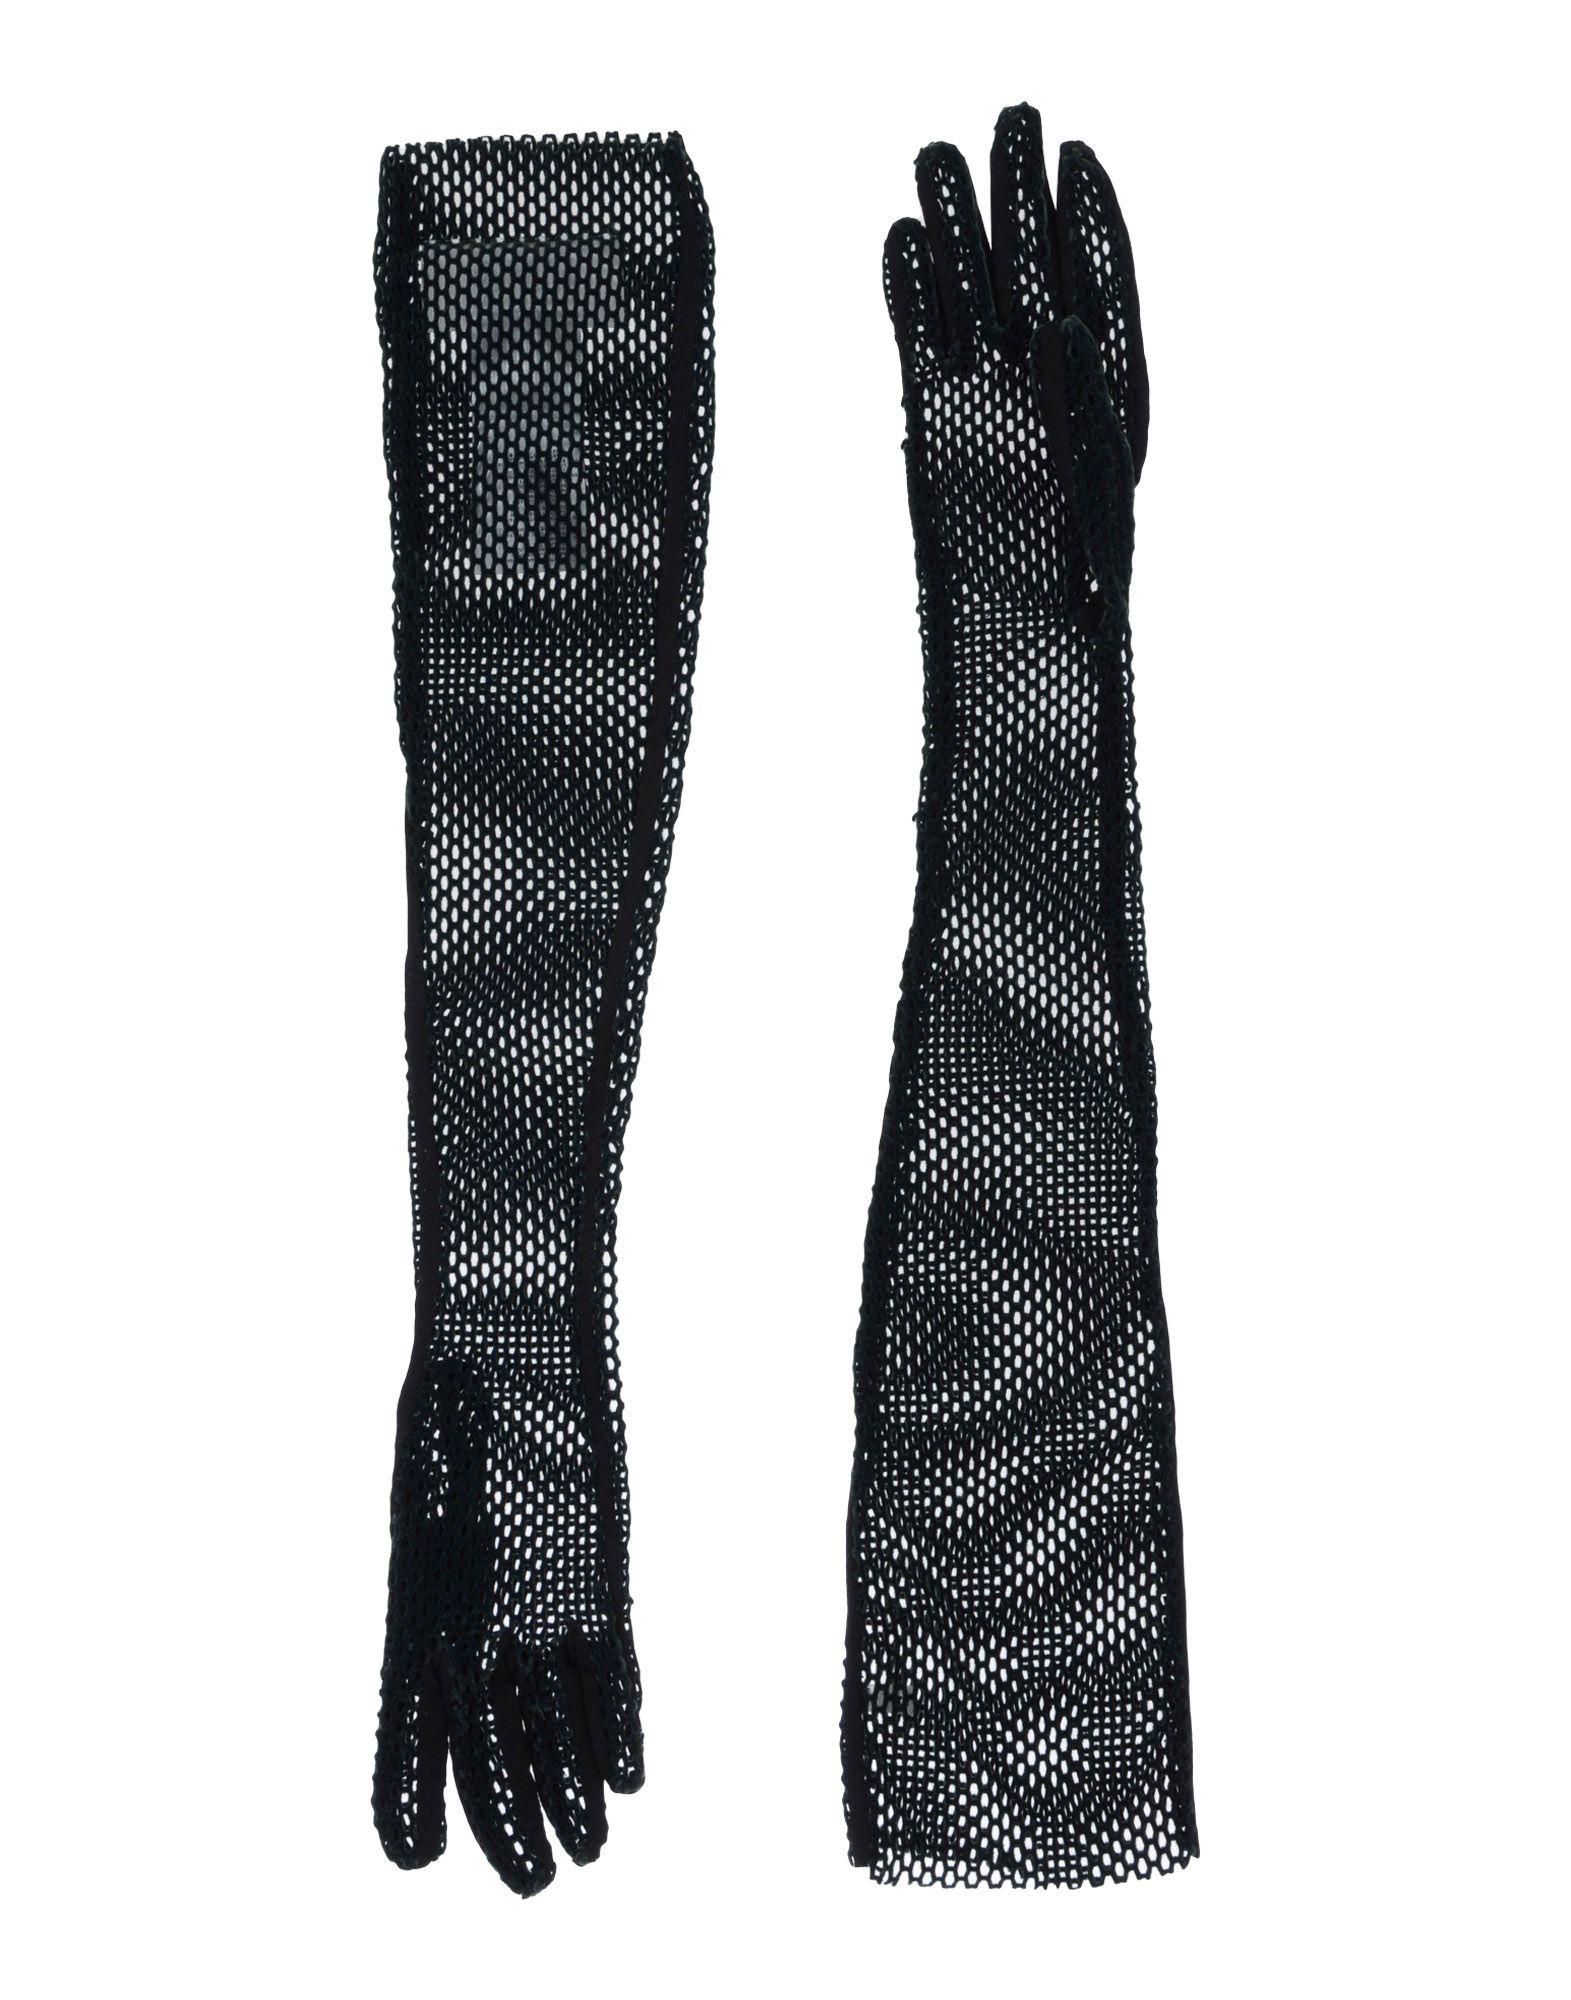 MM6 MAISON MARGIELA Damen Handschuhe Farbe Dunkelgrün Größe 5